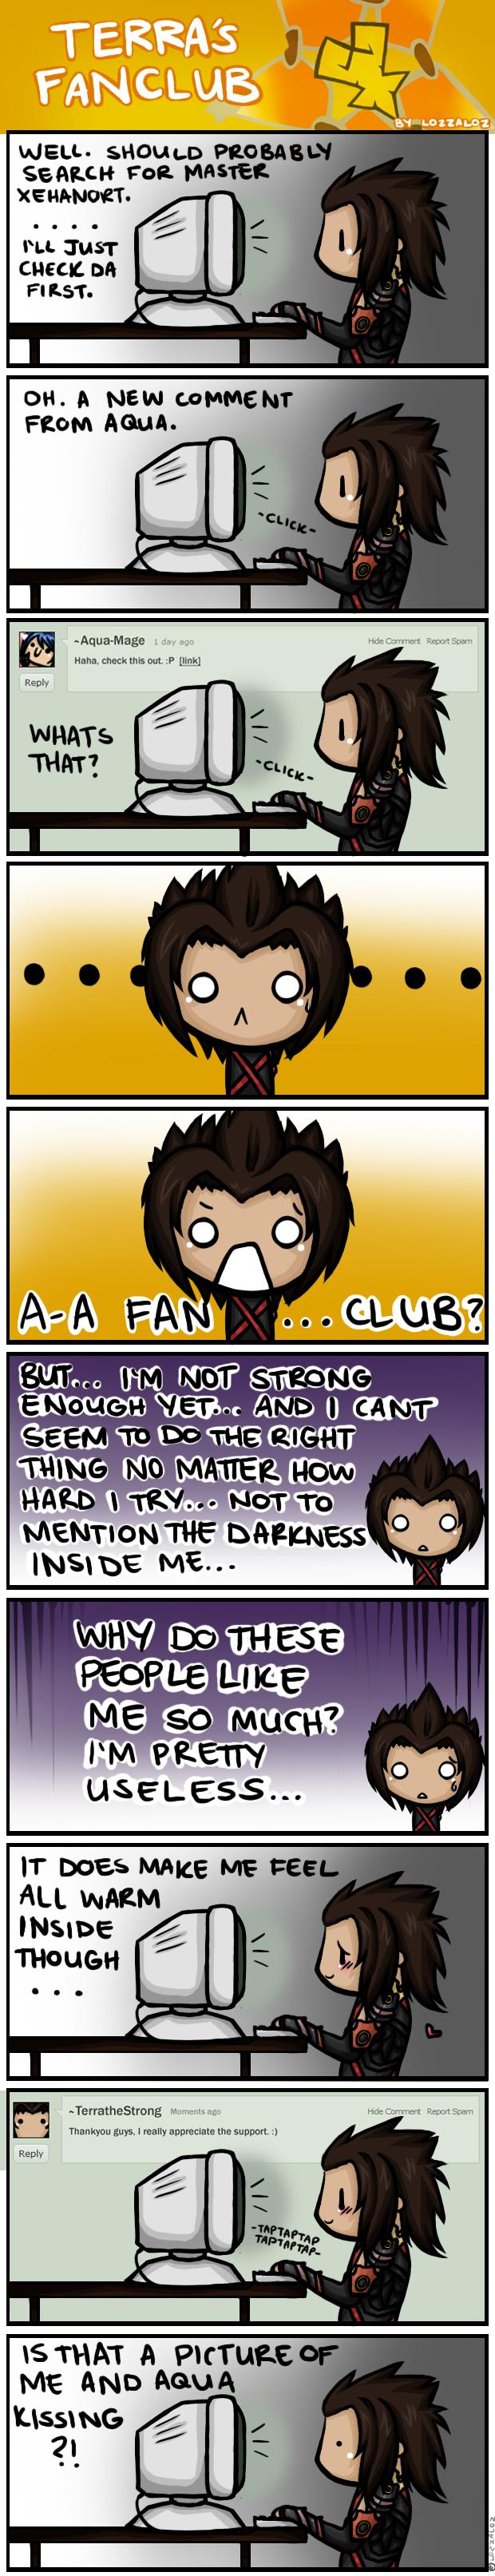 Terra's Fanclub by Lozzaloz